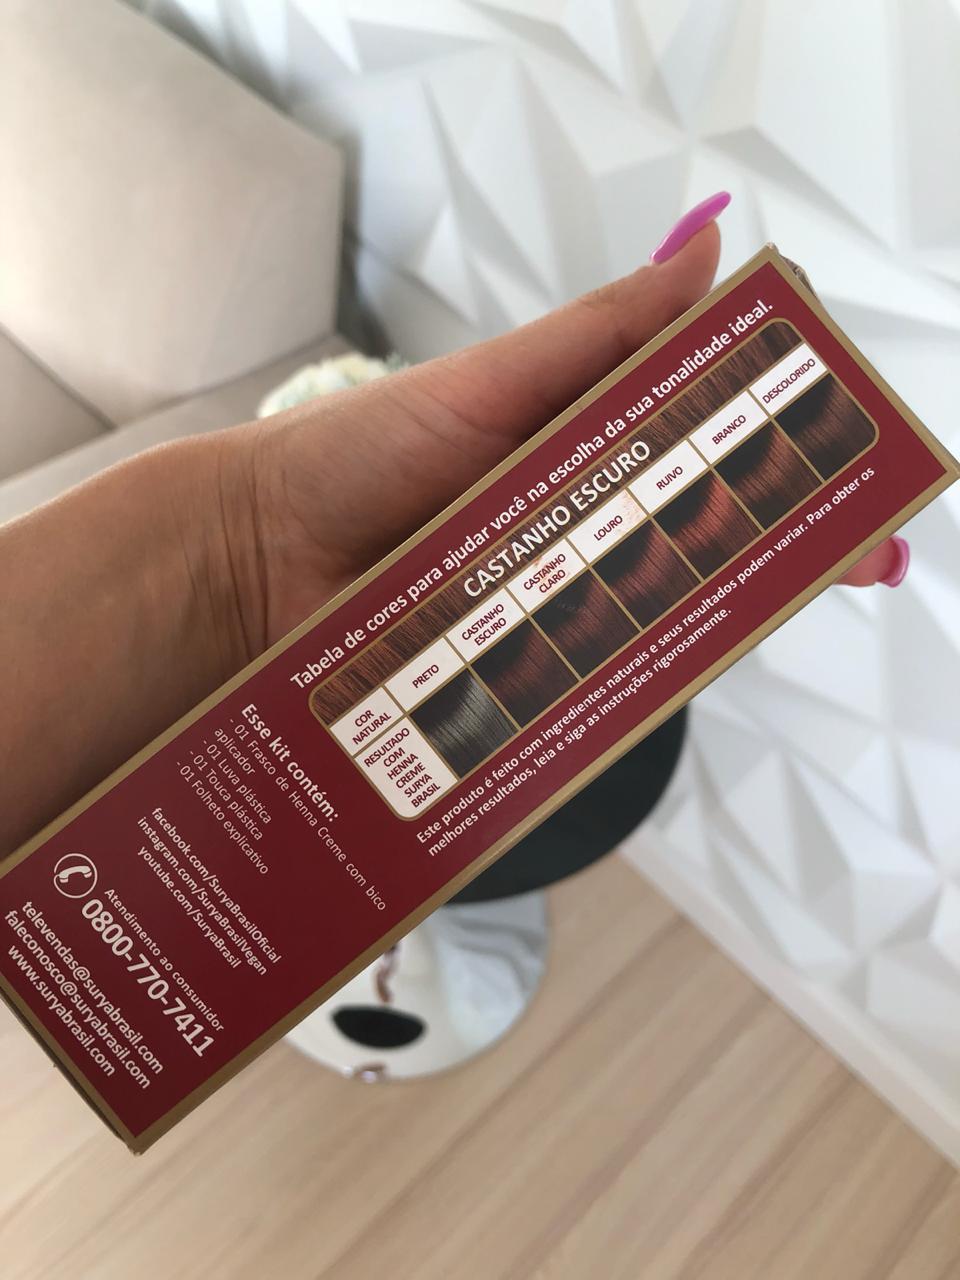 coloracao-cem-por-cento-vegana-henna-creme-da-surya-brasil-e-boa-resenha-tabela